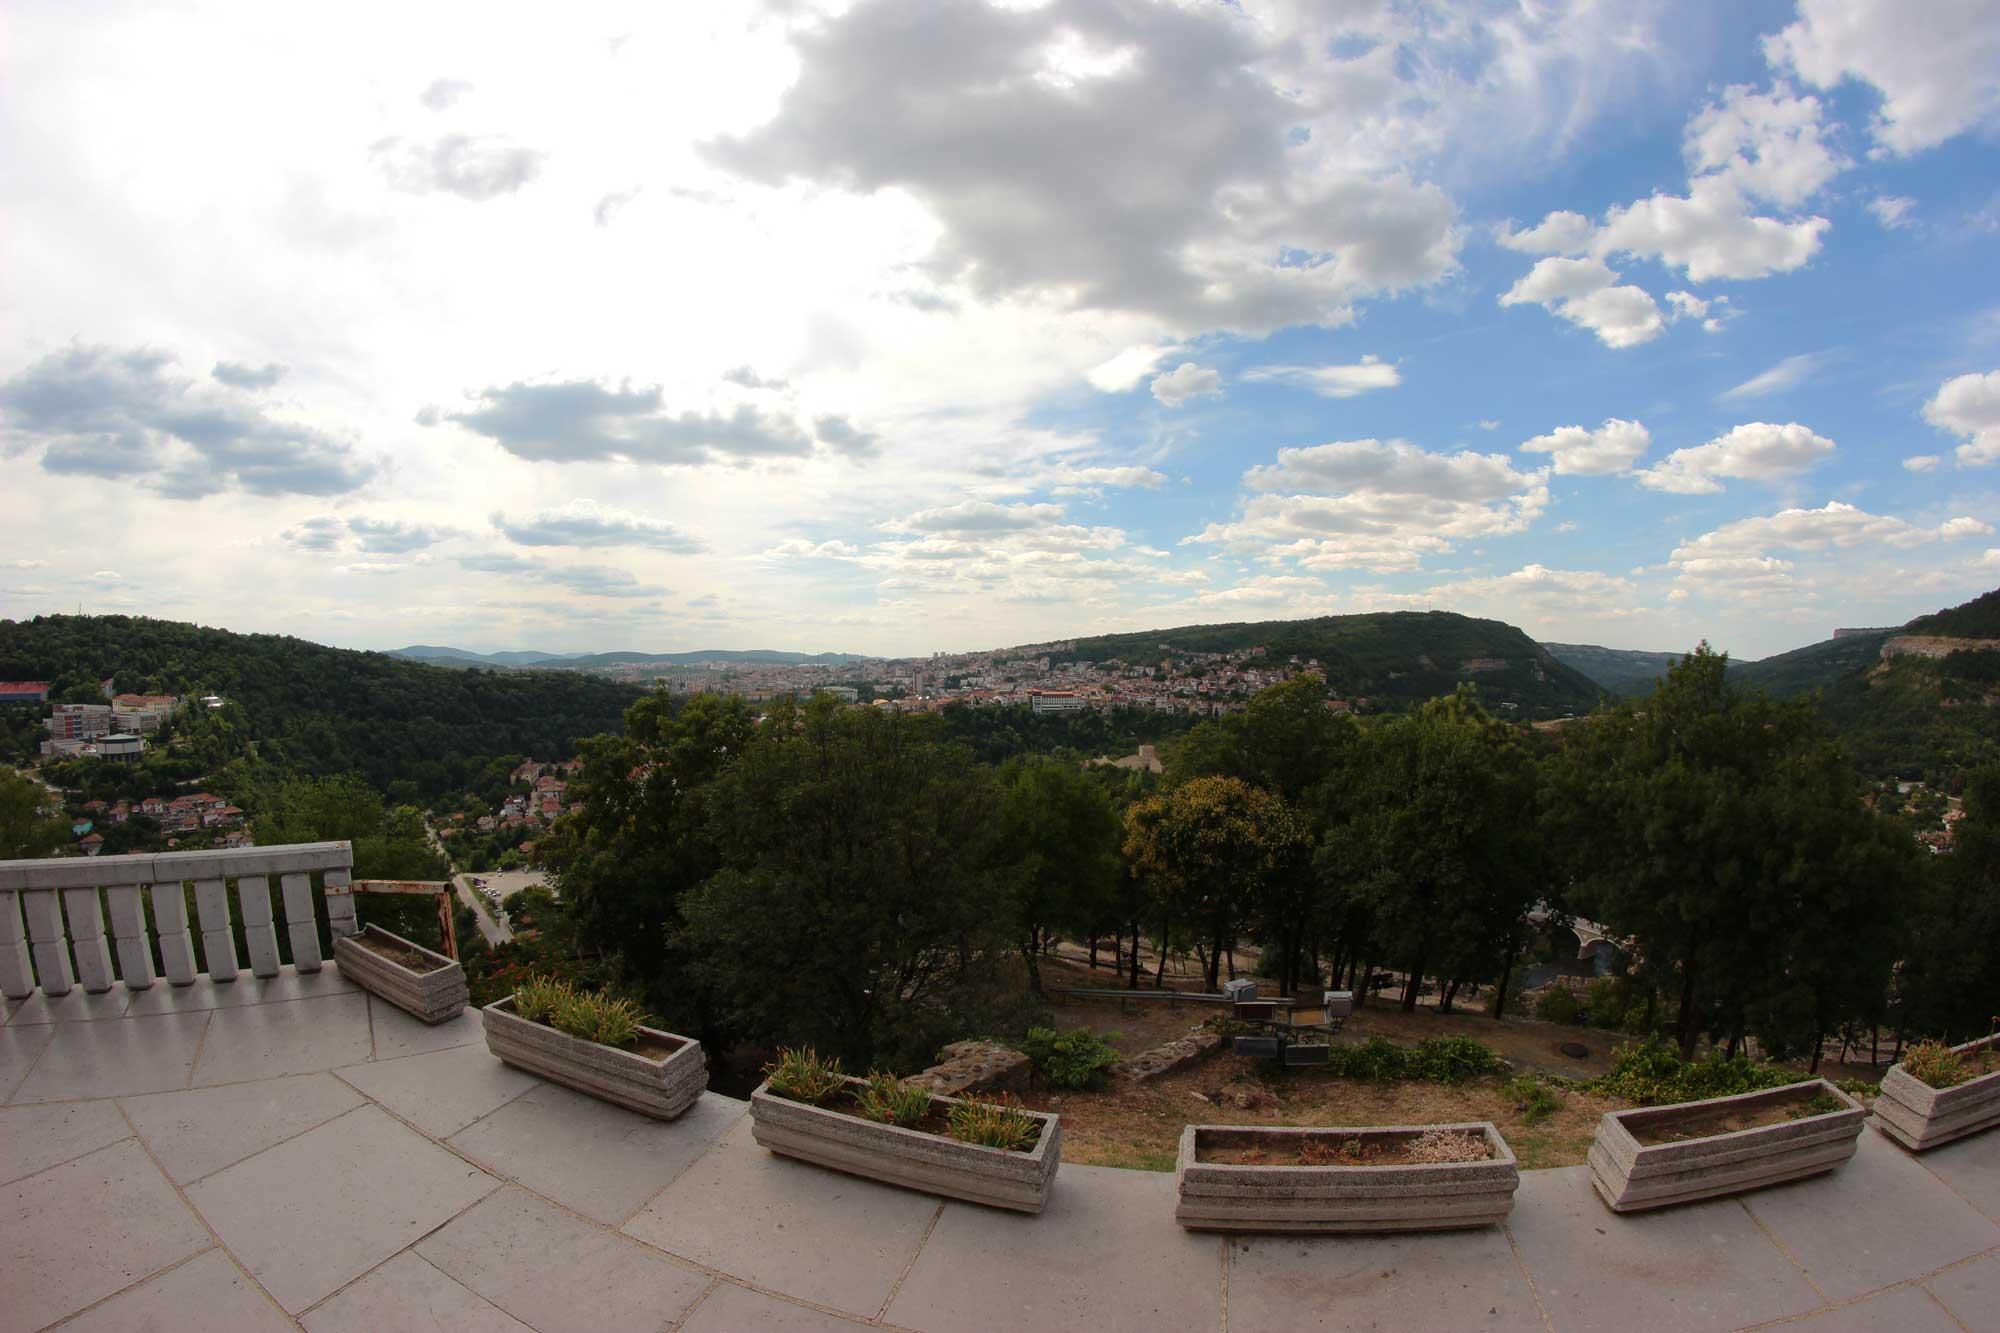 панорамный вид на город с холма царевец